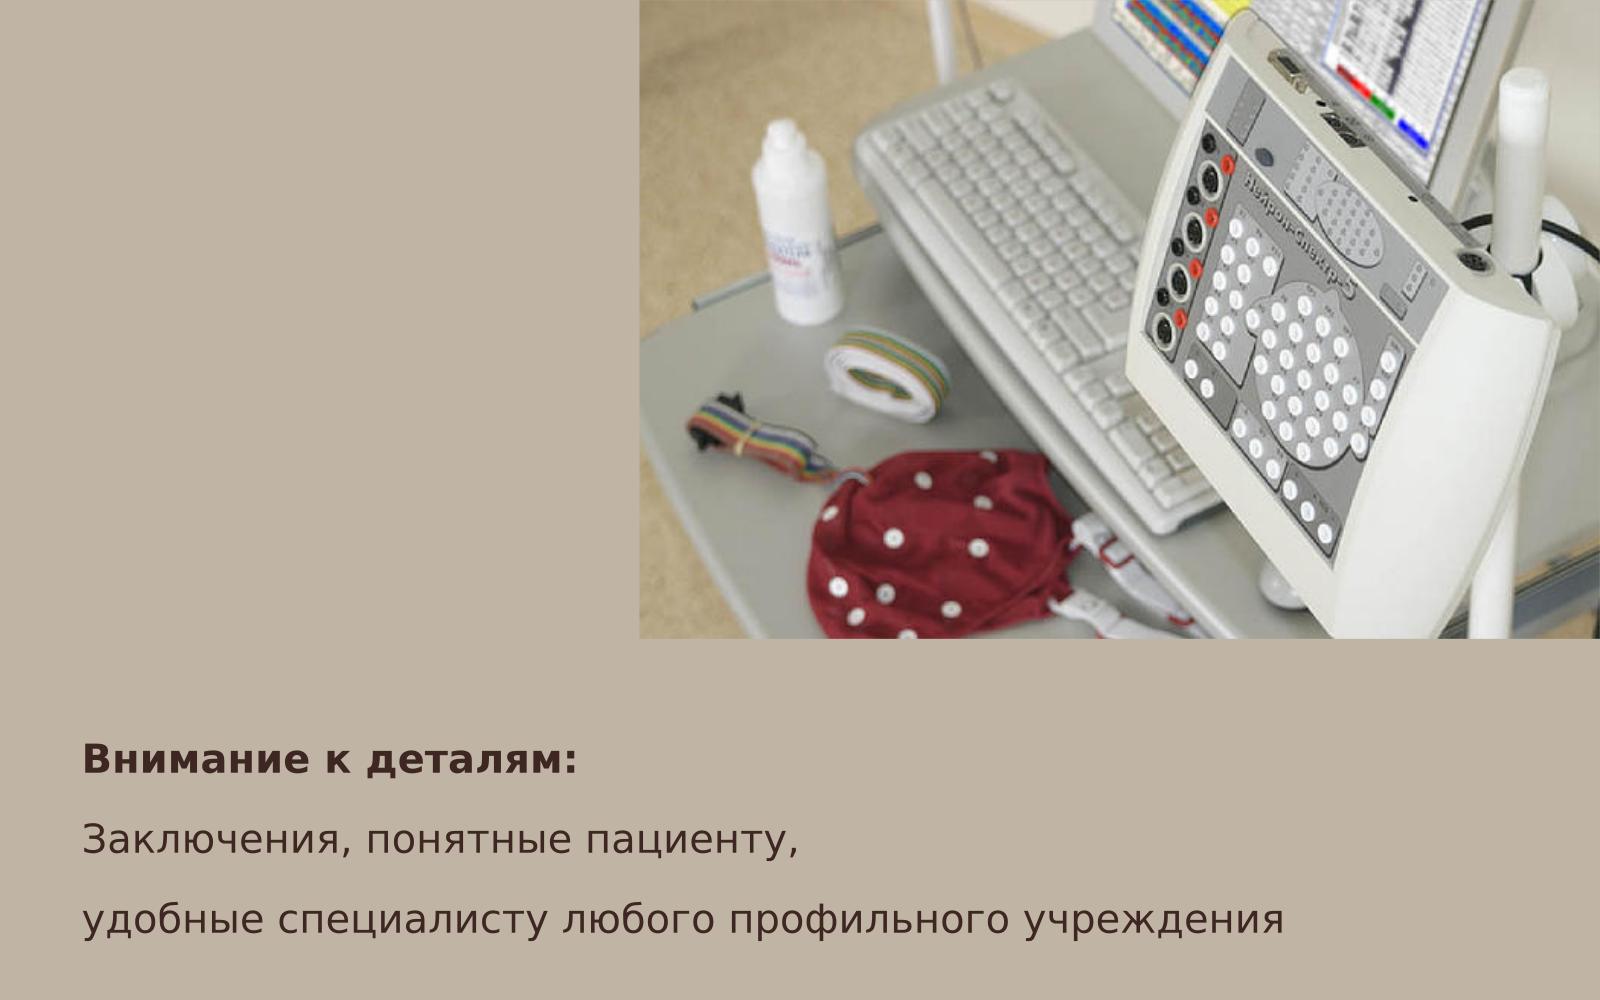 Расписание врачей детской поликлиники фрязино